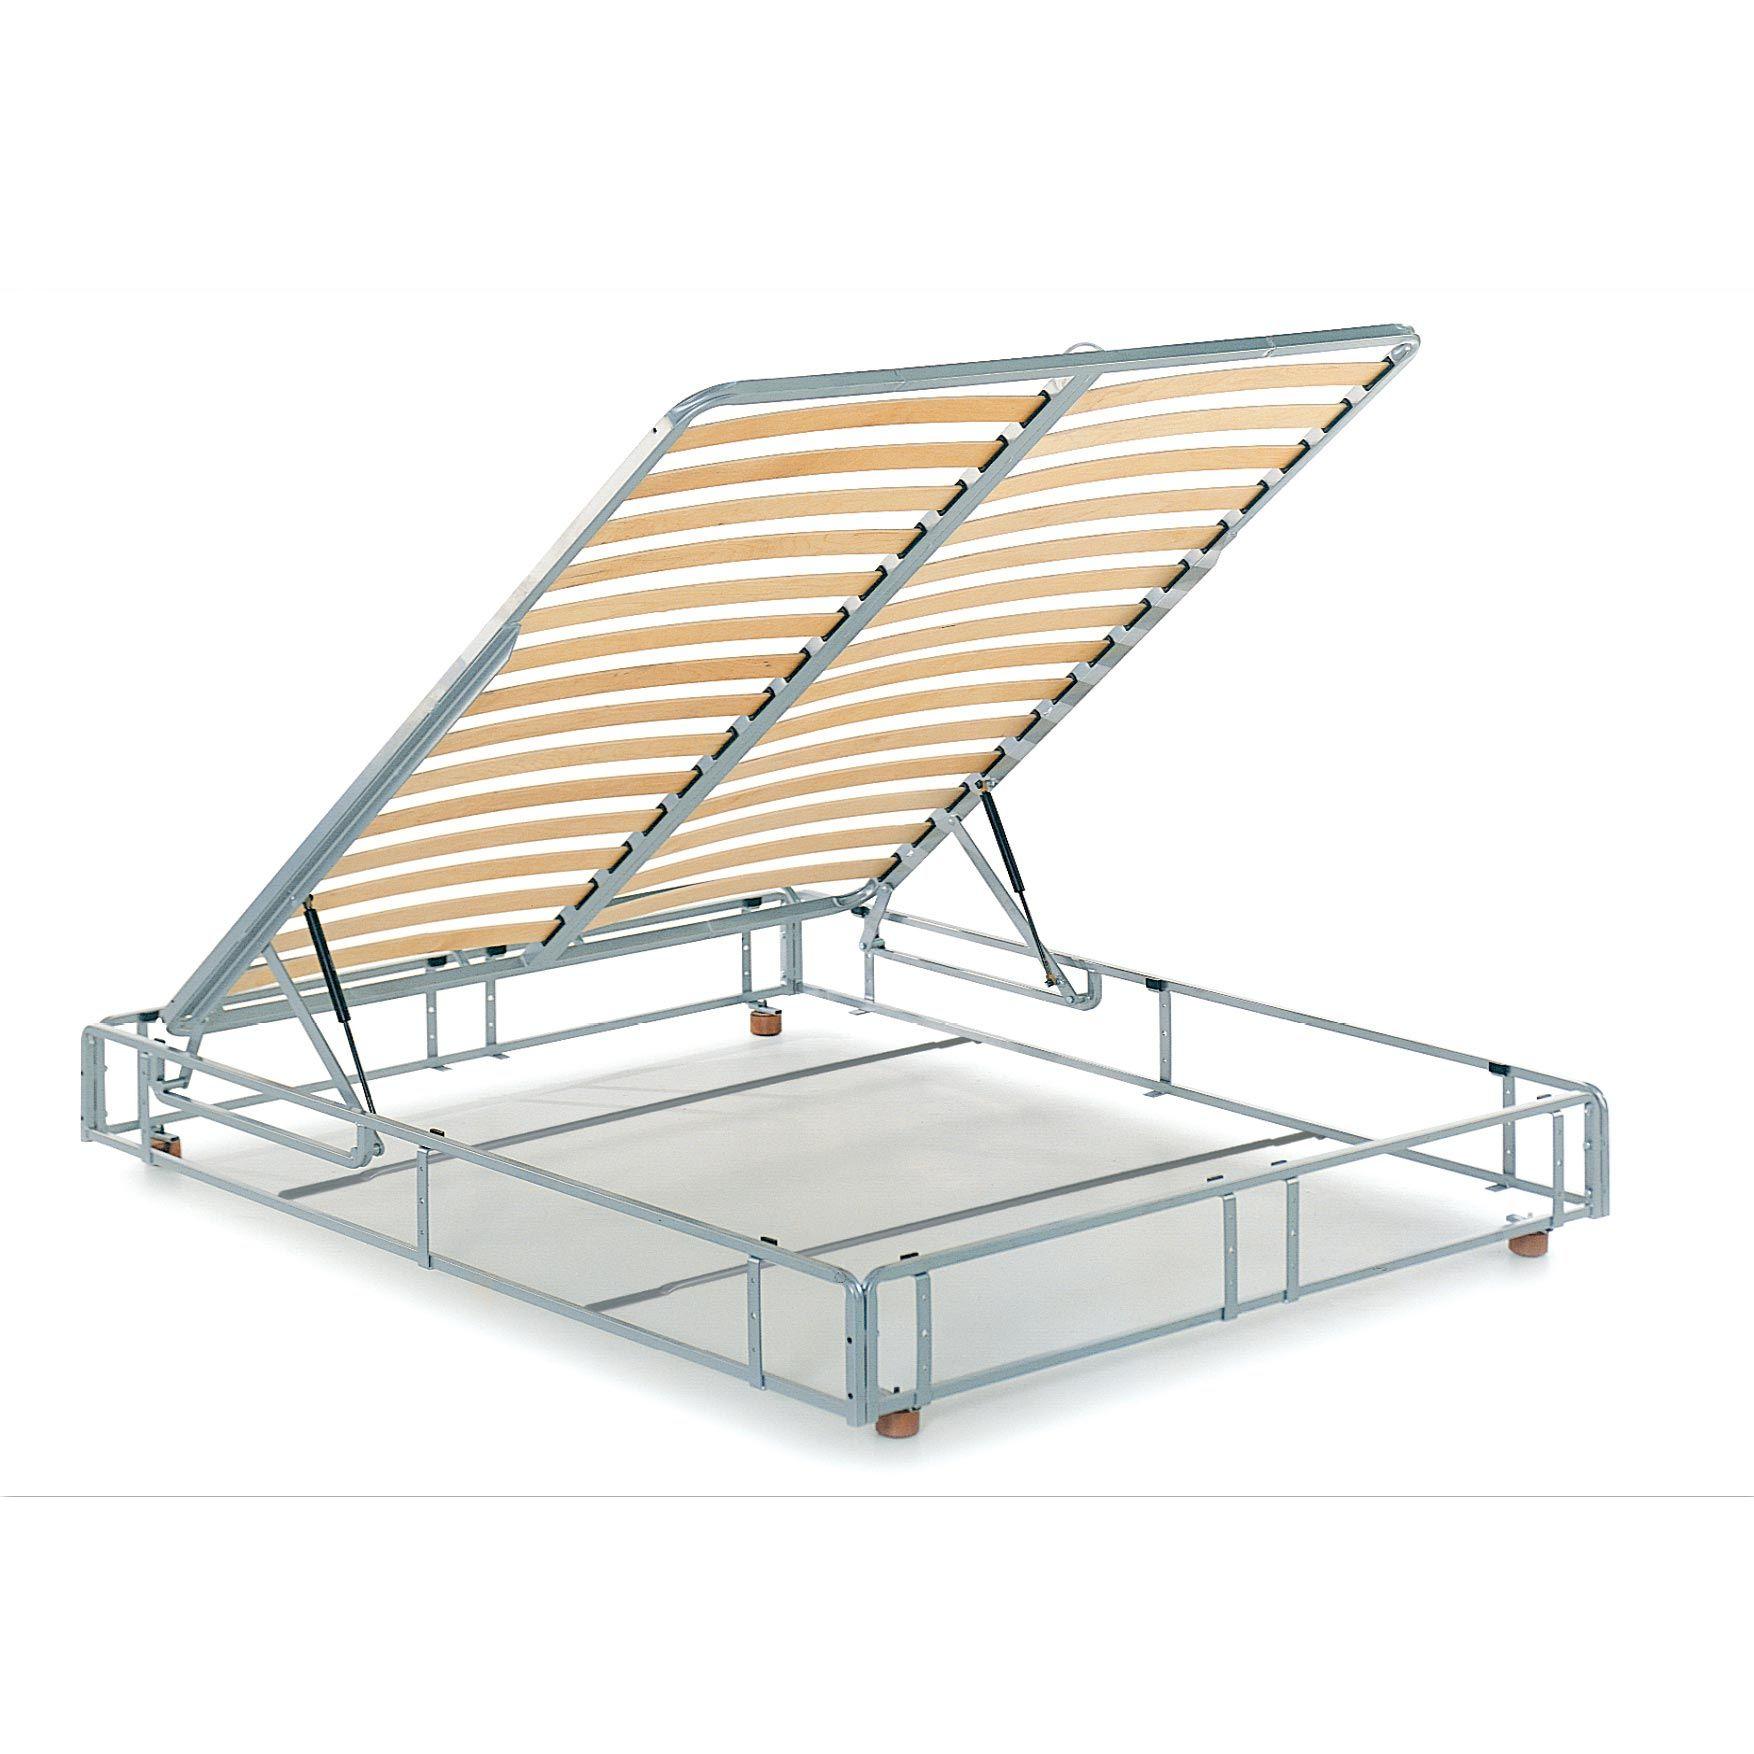 Reti materassi e trasformabili reti da letto con contenitore rete tifone cm 160x195 - Rete per letto contenitore ...